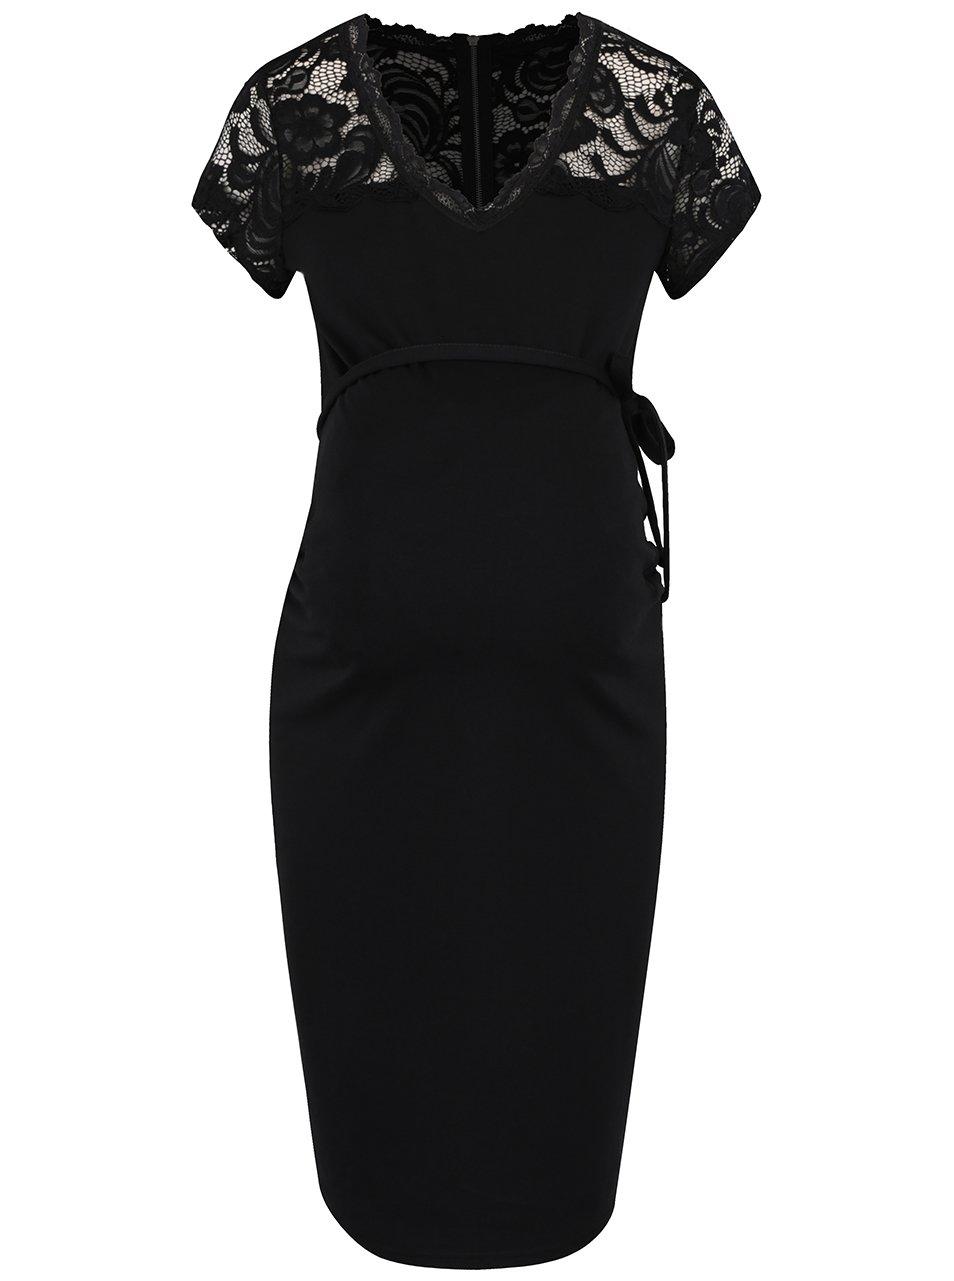 Černé těhotenské šaty s krajkovým topem Mama.licious Blackie